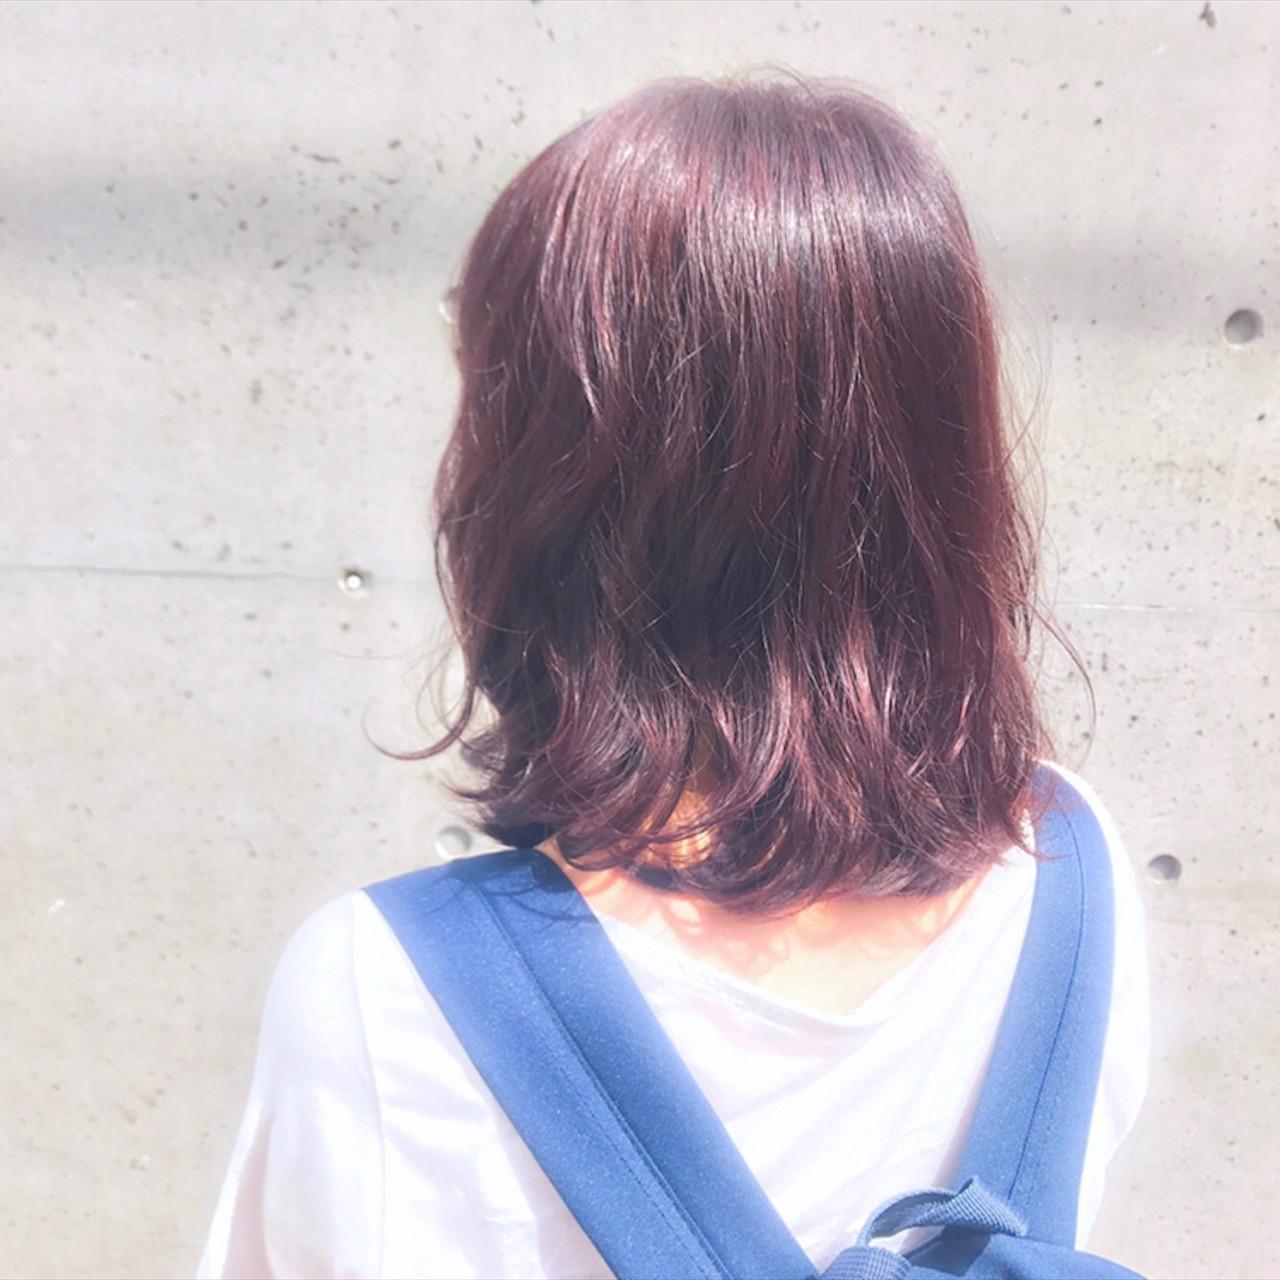 パープル デート 秋 ミディアム ヘアスタイルや髪型の写真・画像